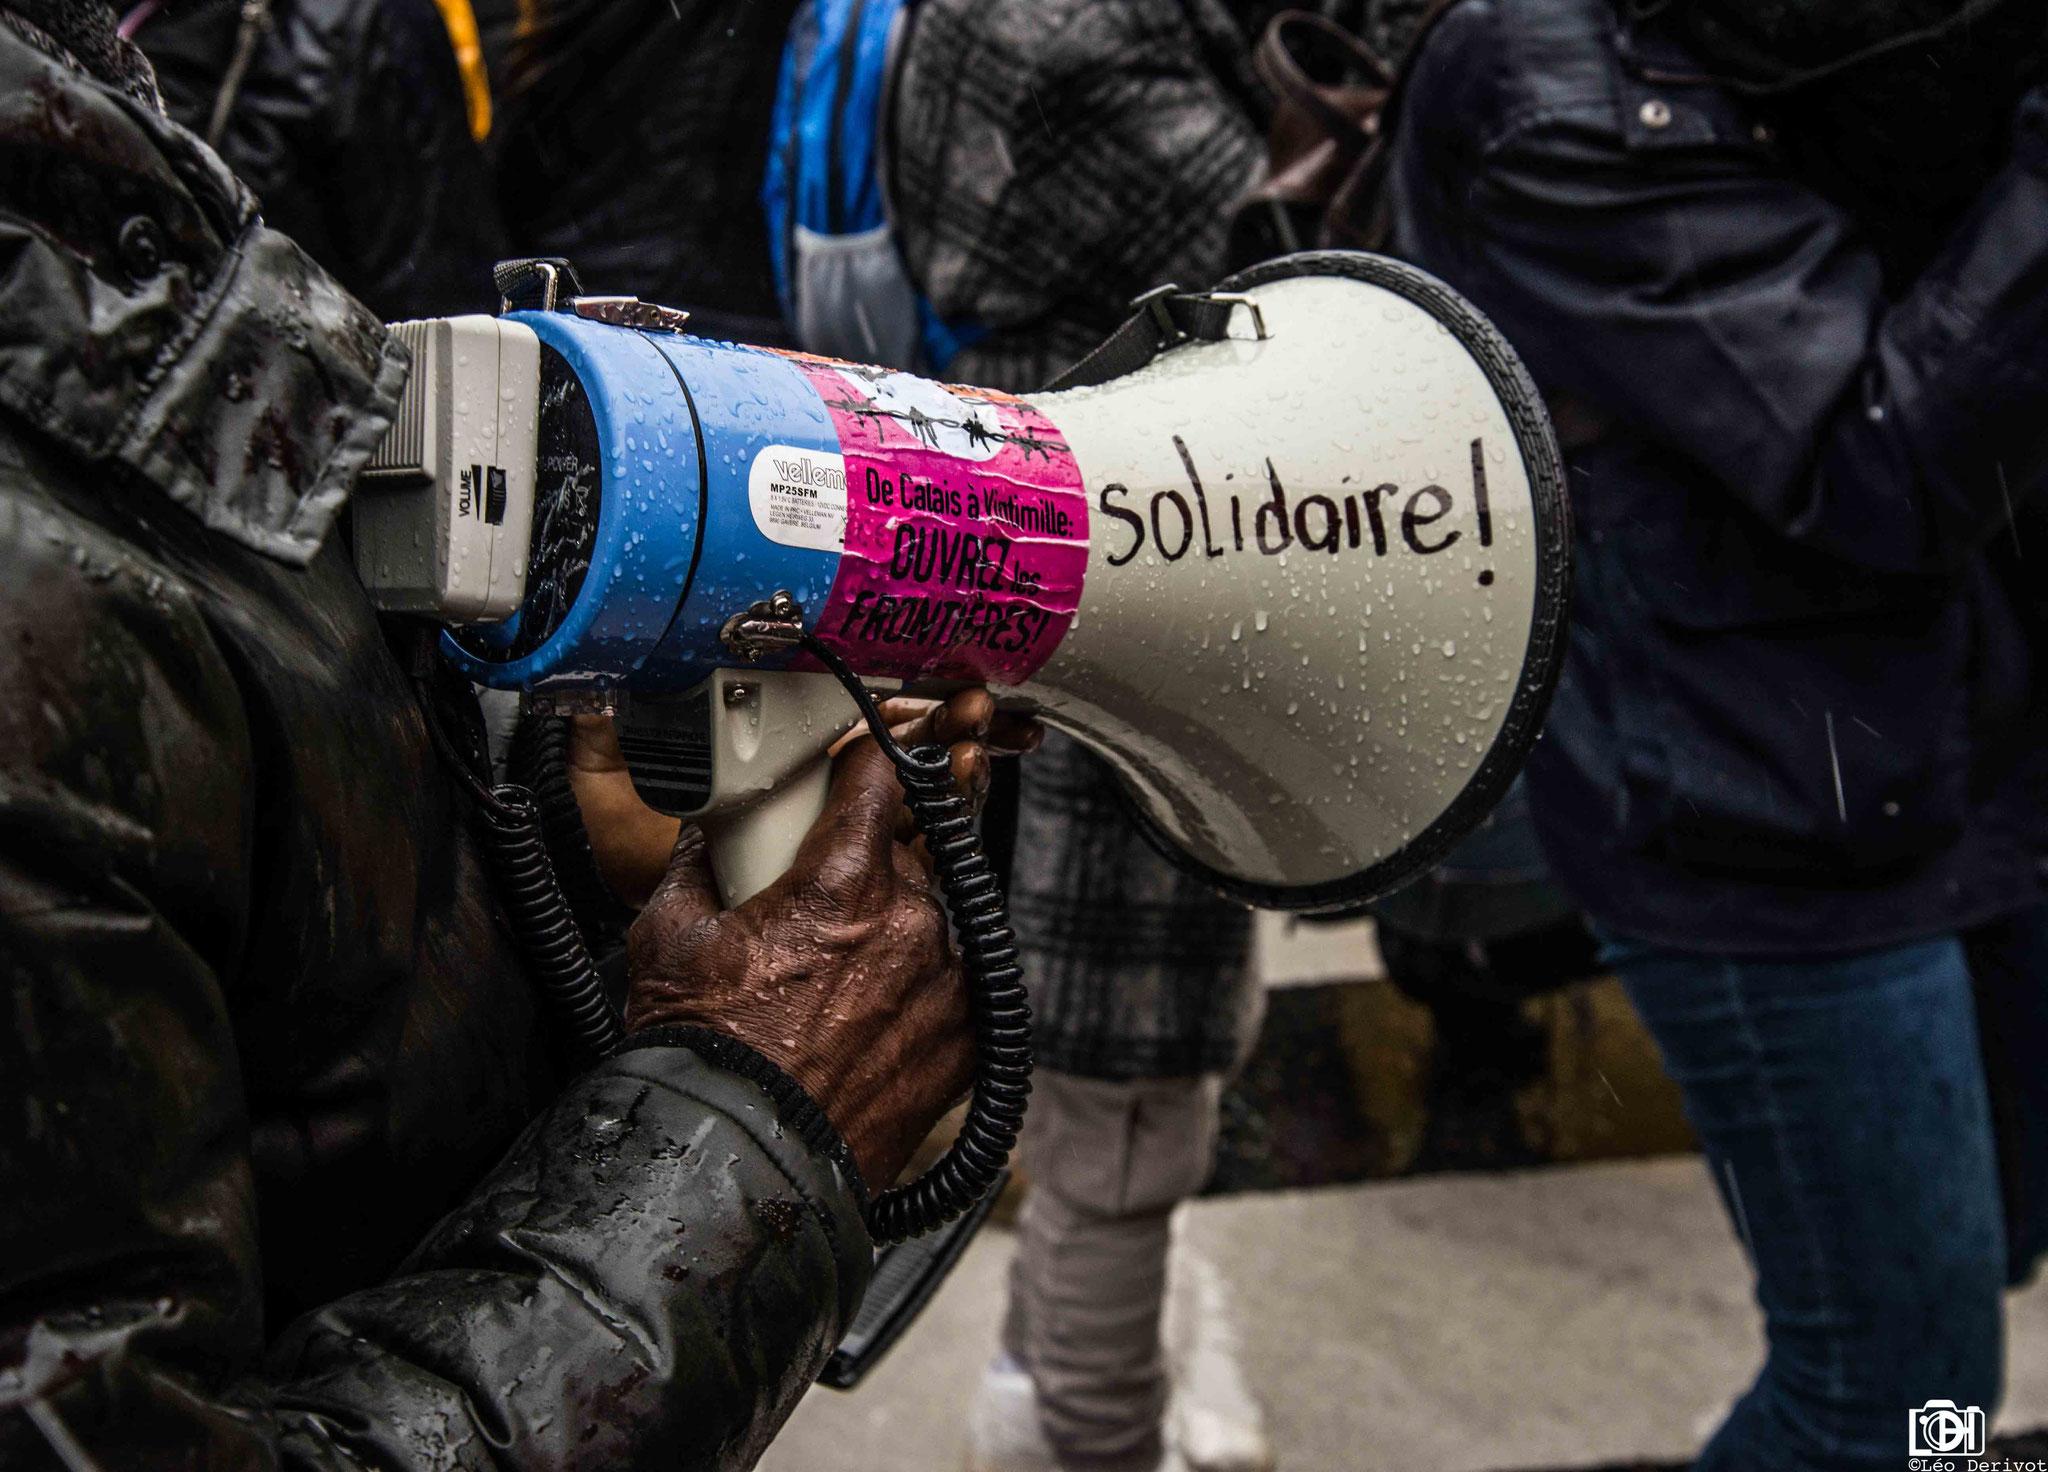 Marche des solidarité, Paris, Avril 2018